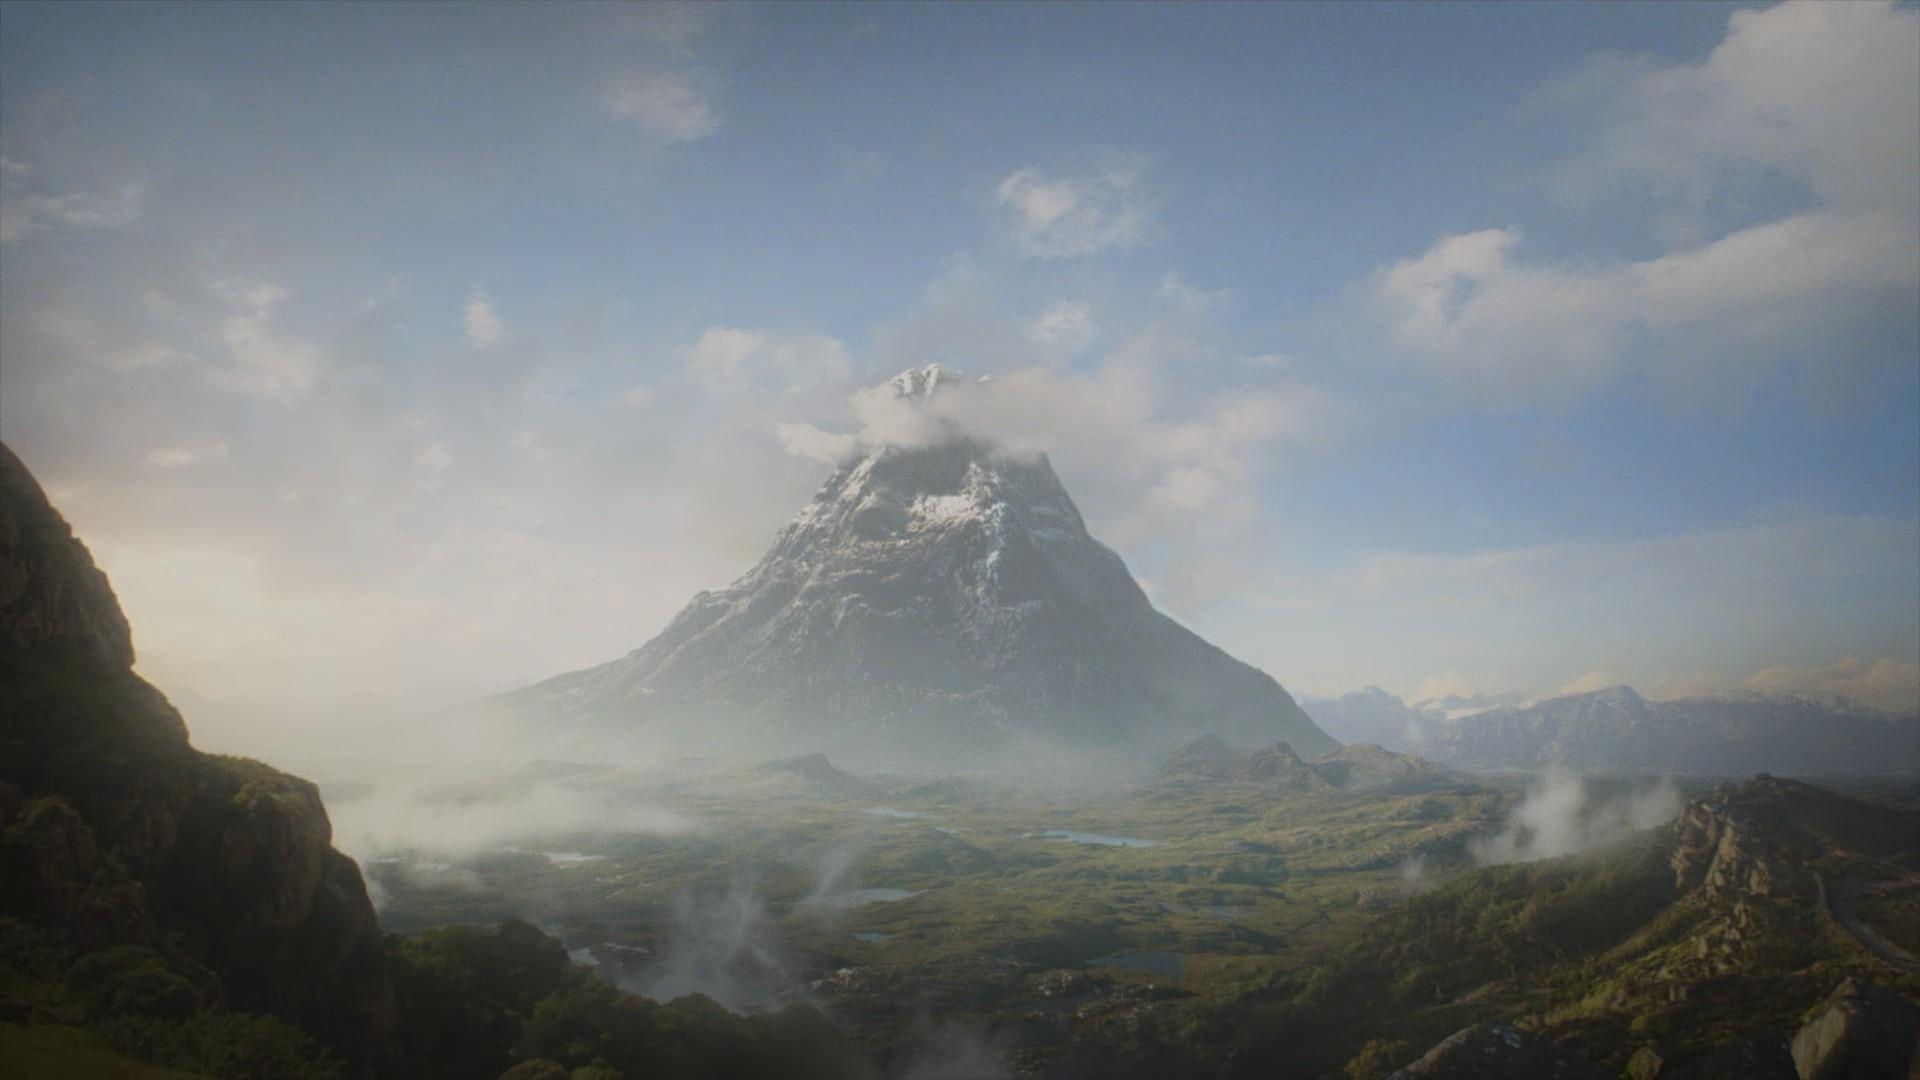 356190_screenshots_20201126163254_1.jpg - Middle-earth: Shadow of War